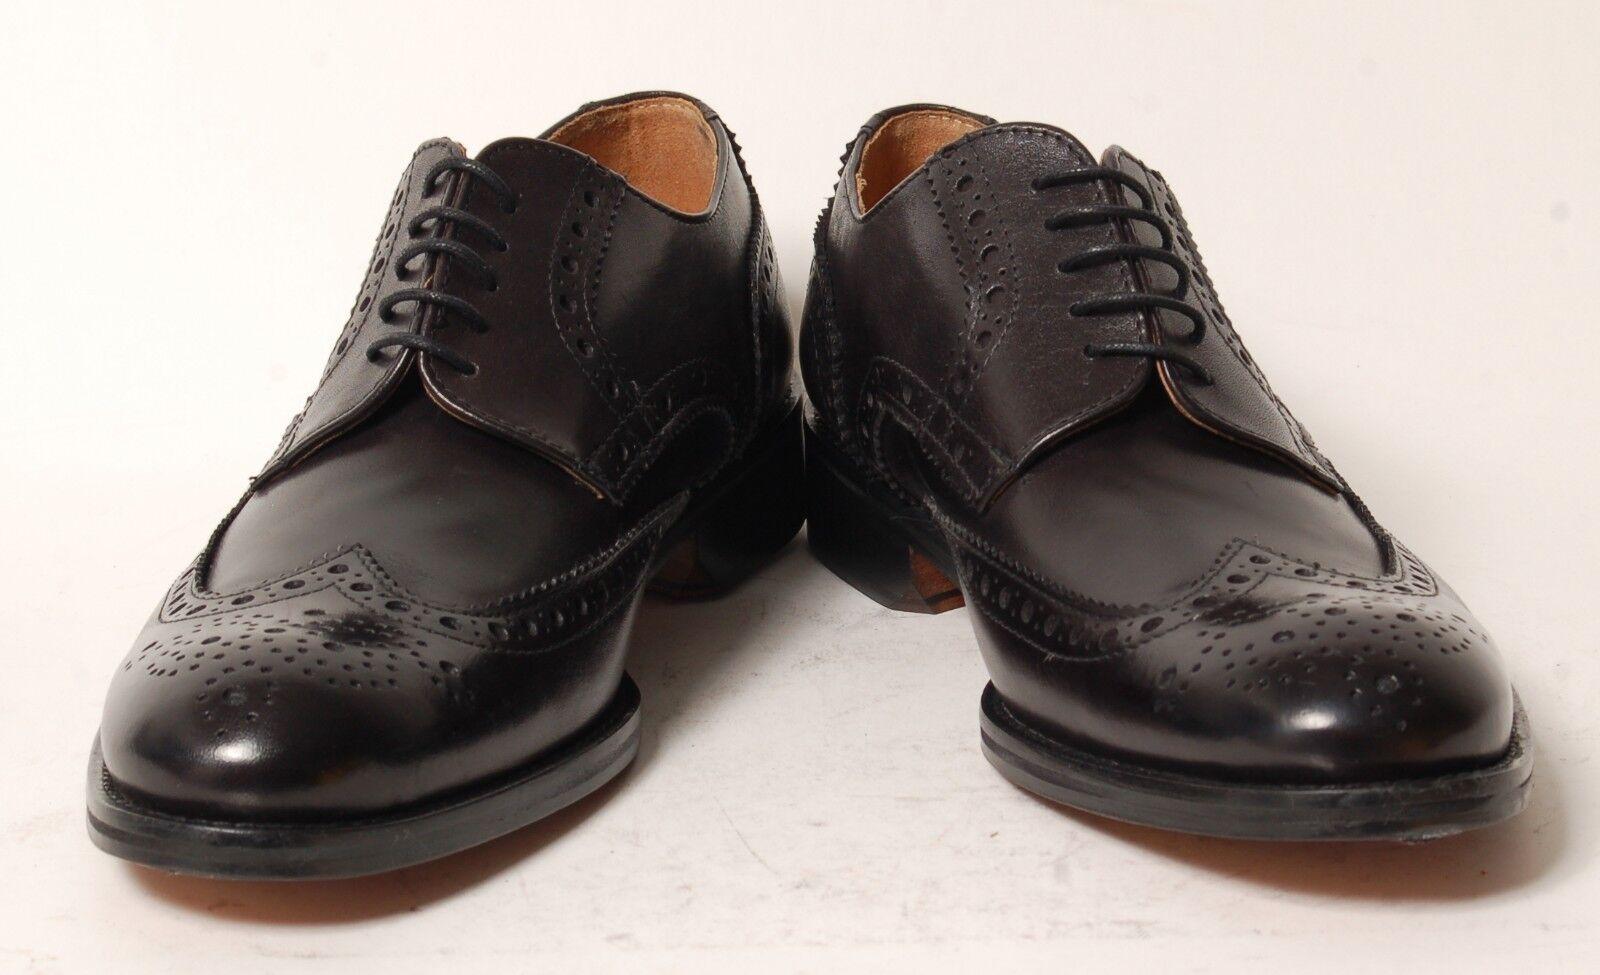 Schuhe - Antica Mod. Calzoleria Campana Schuhe | Mod. Antica 1220 | Restposten  30% Rabatt ba8efa